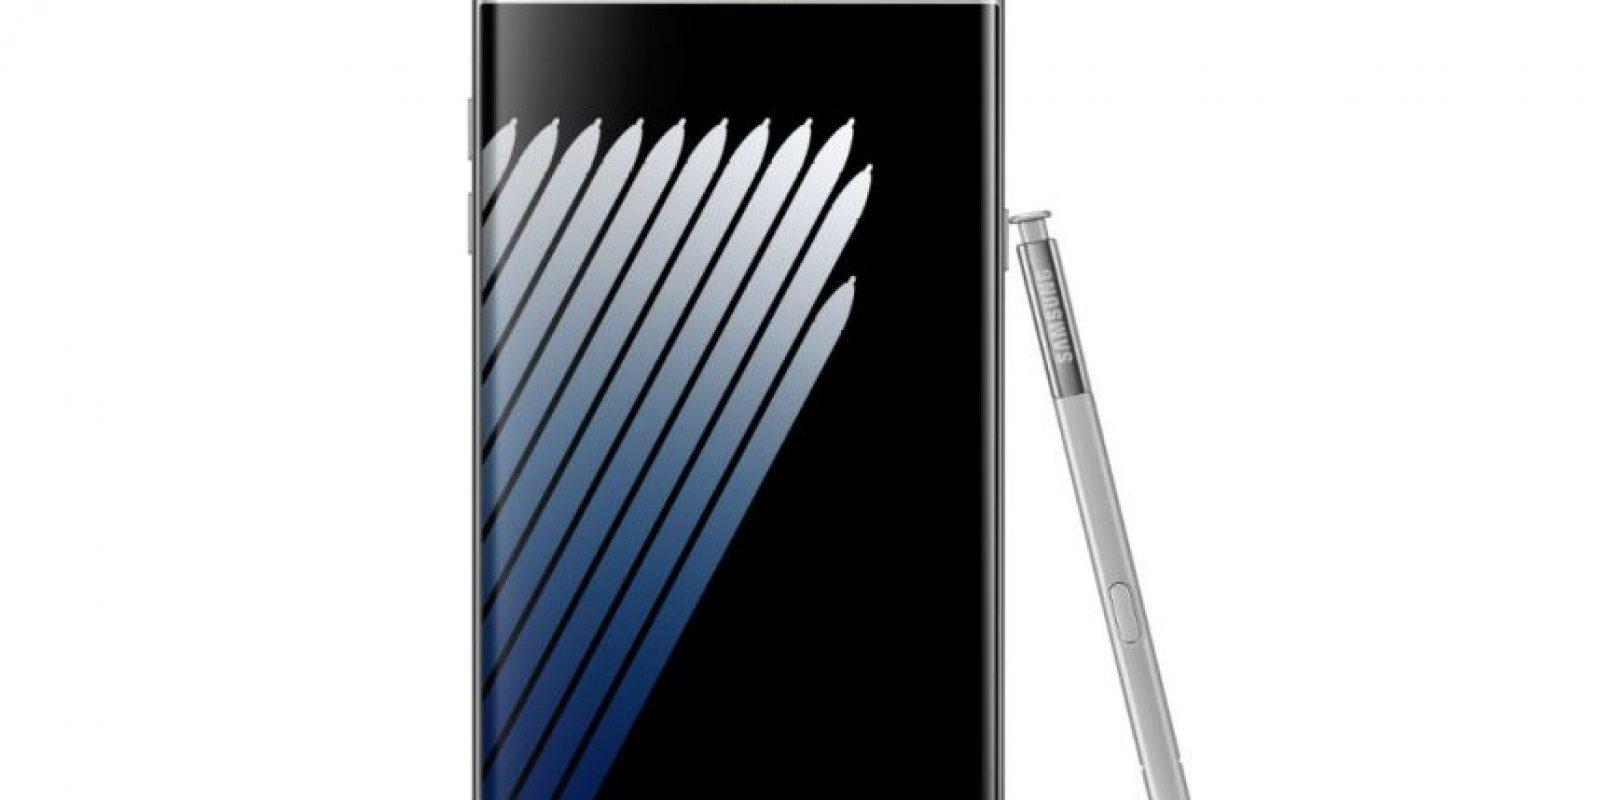 Y plata. Foto:Samsung